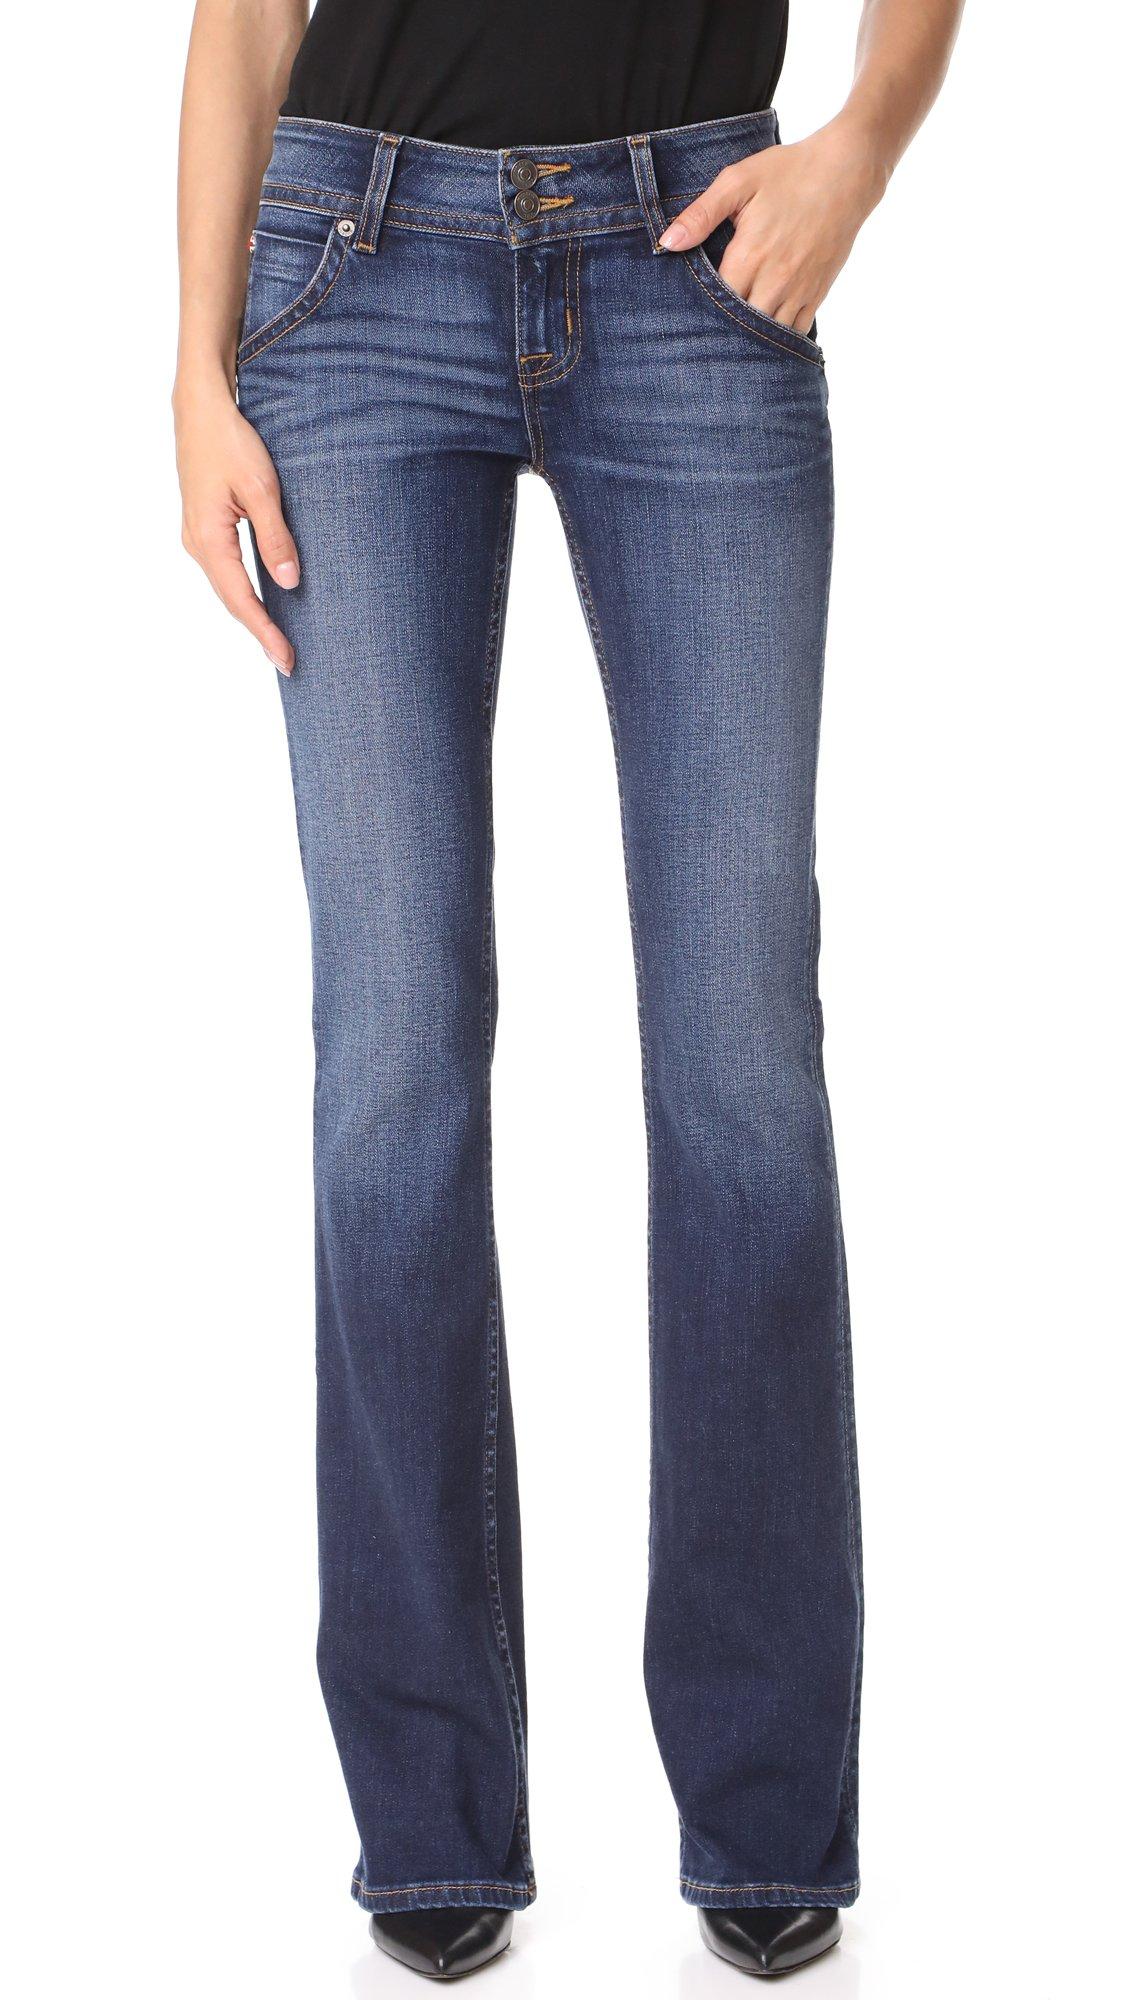 Hudson Jeans Women's Signature Bootcut Flap Pocket Jean, Patrol Unit 2, 27